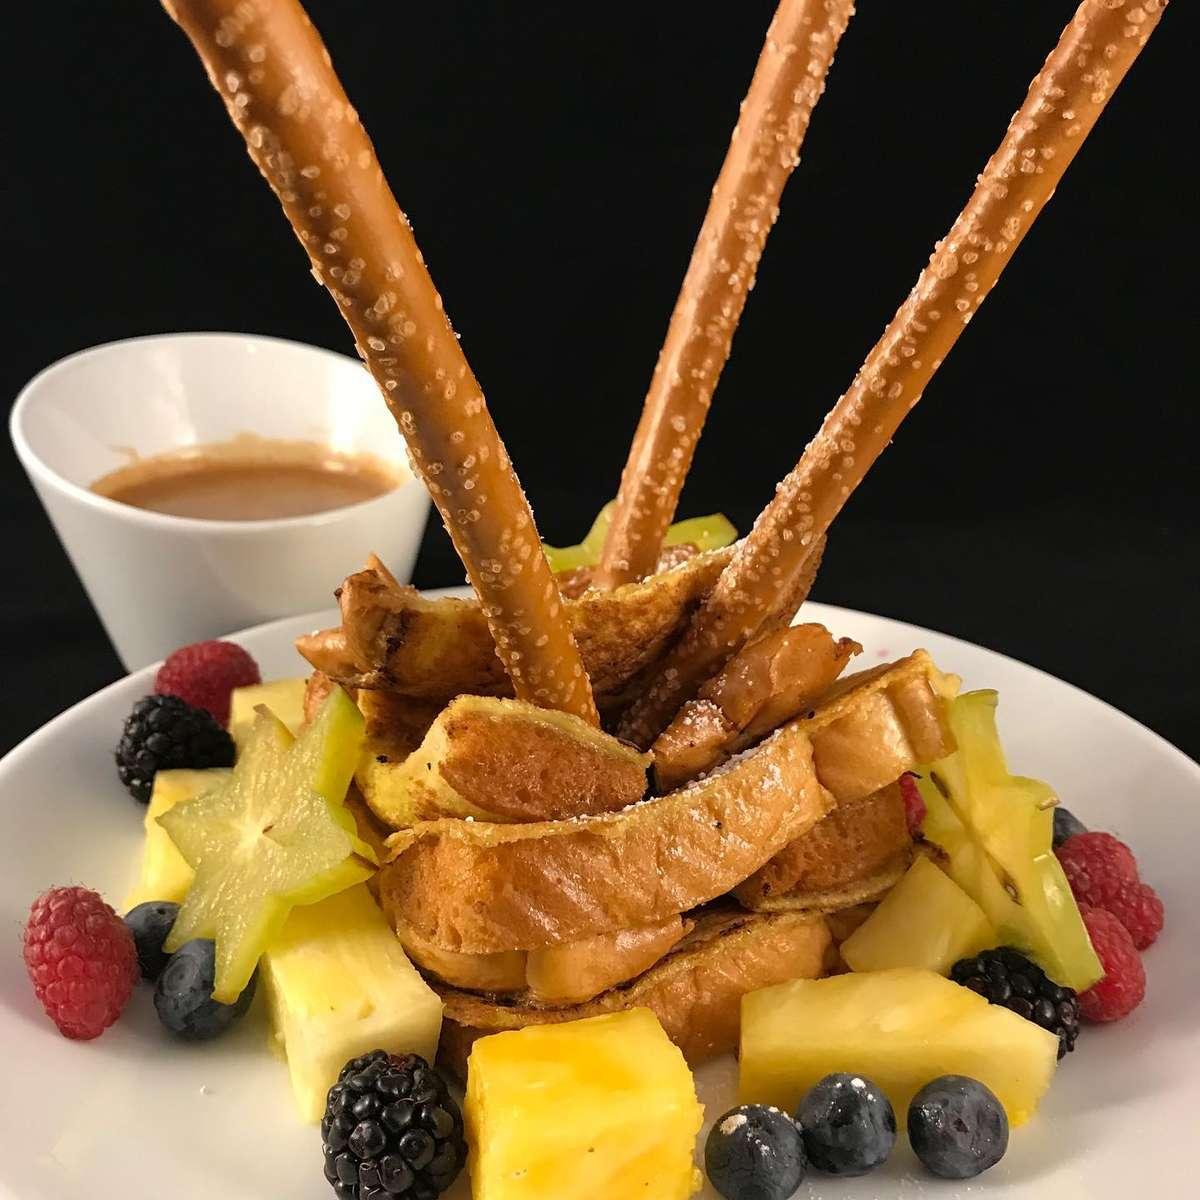 French Toast Fondue - a BC Original